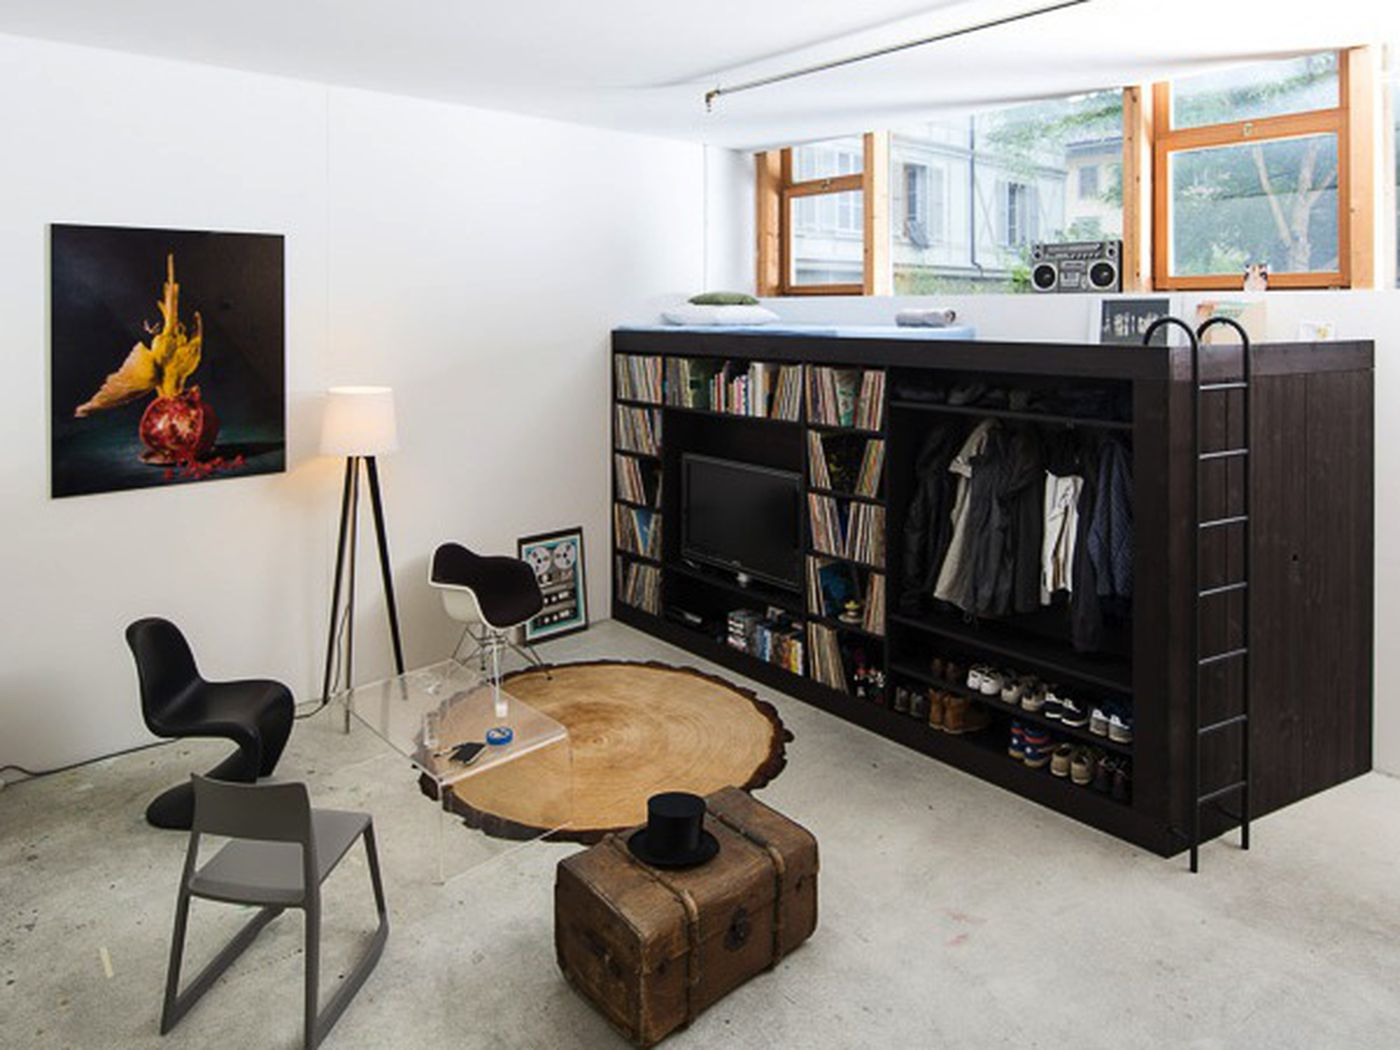 Furnitur multifungsi untuk ruang multifungsi (Sumber: ny.curbed.com)